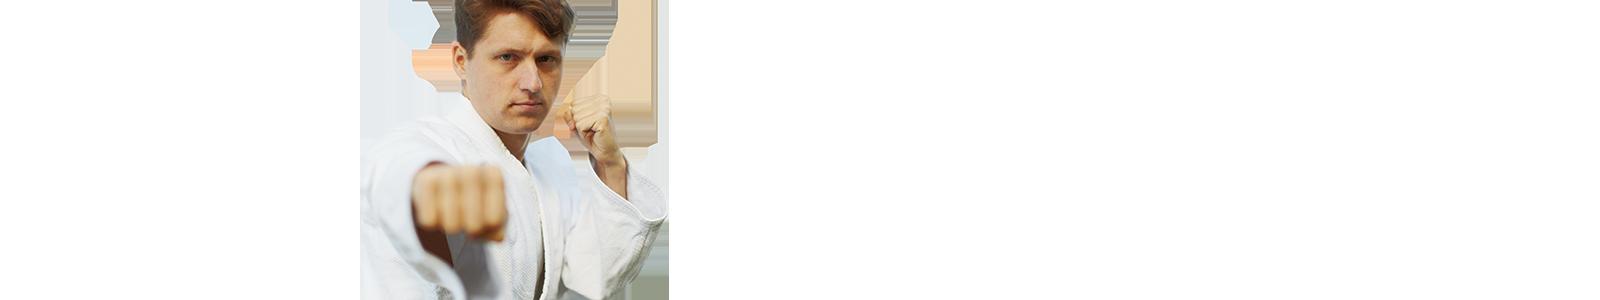 banner-martial-arts-for-men